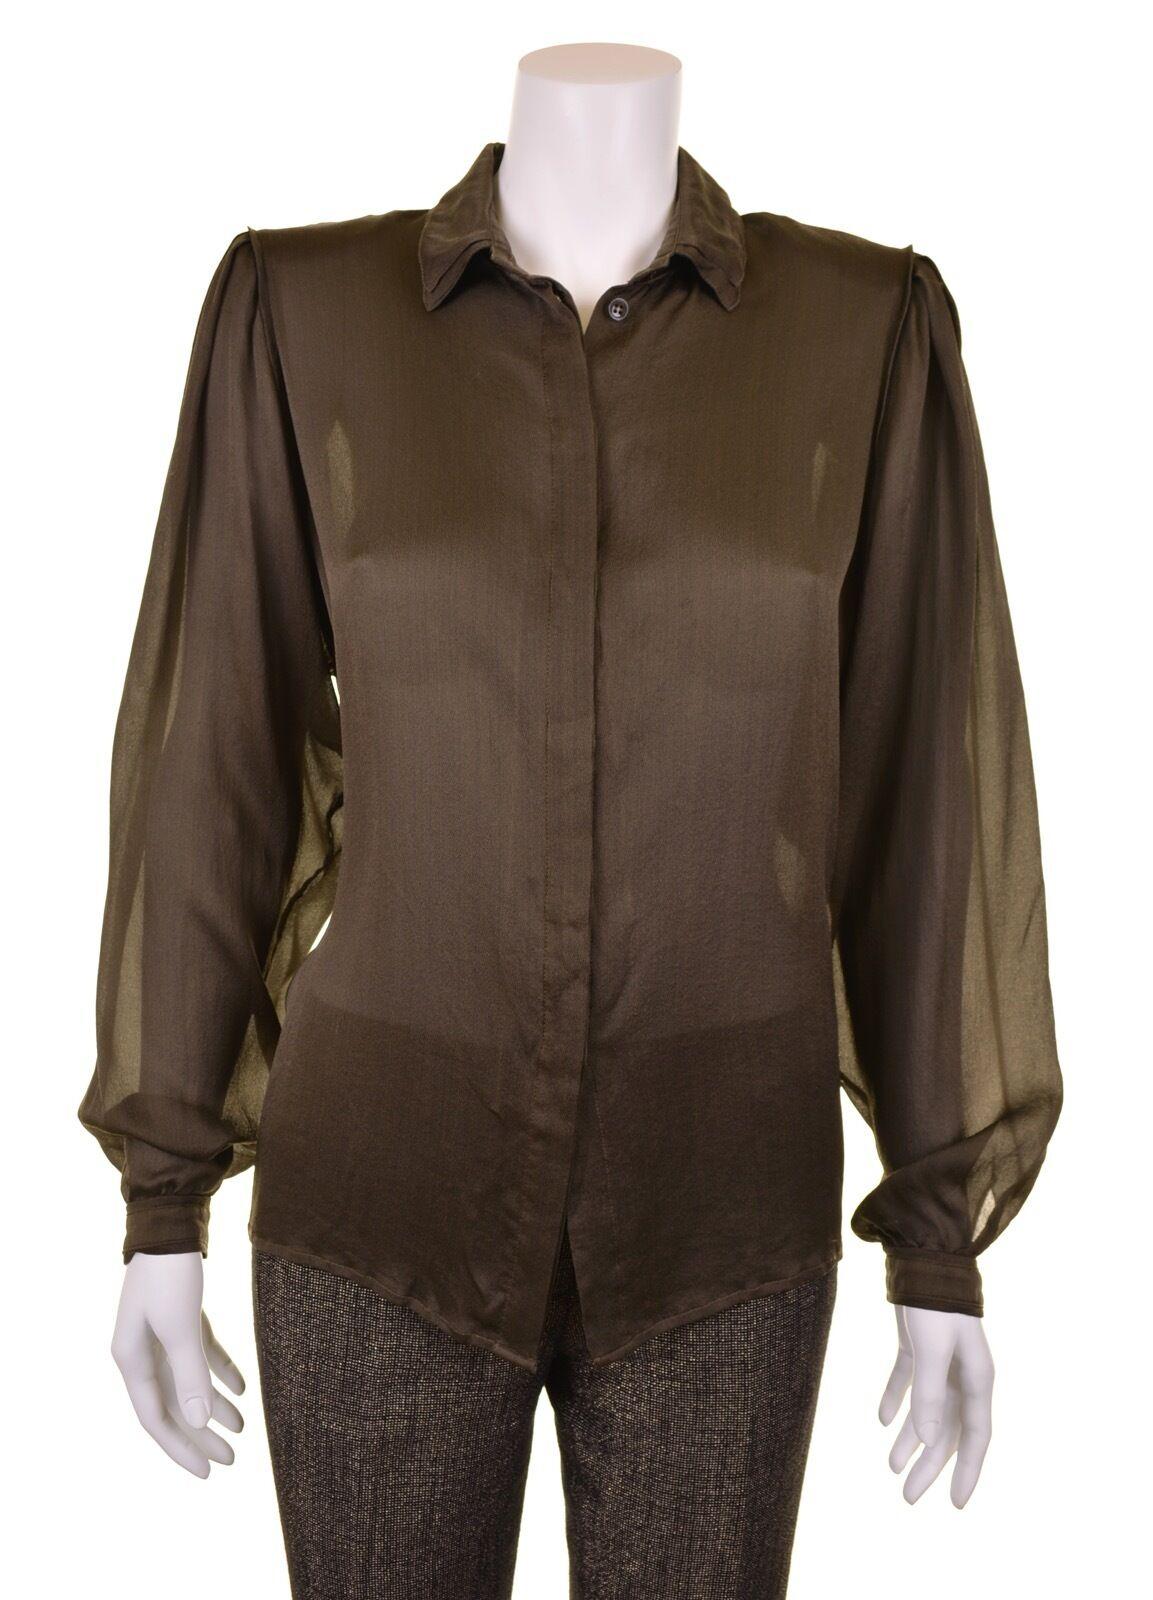 ETRO Milano  Iridescent Grün 100% SILK Sheer Button Down Blouse Shirt 44